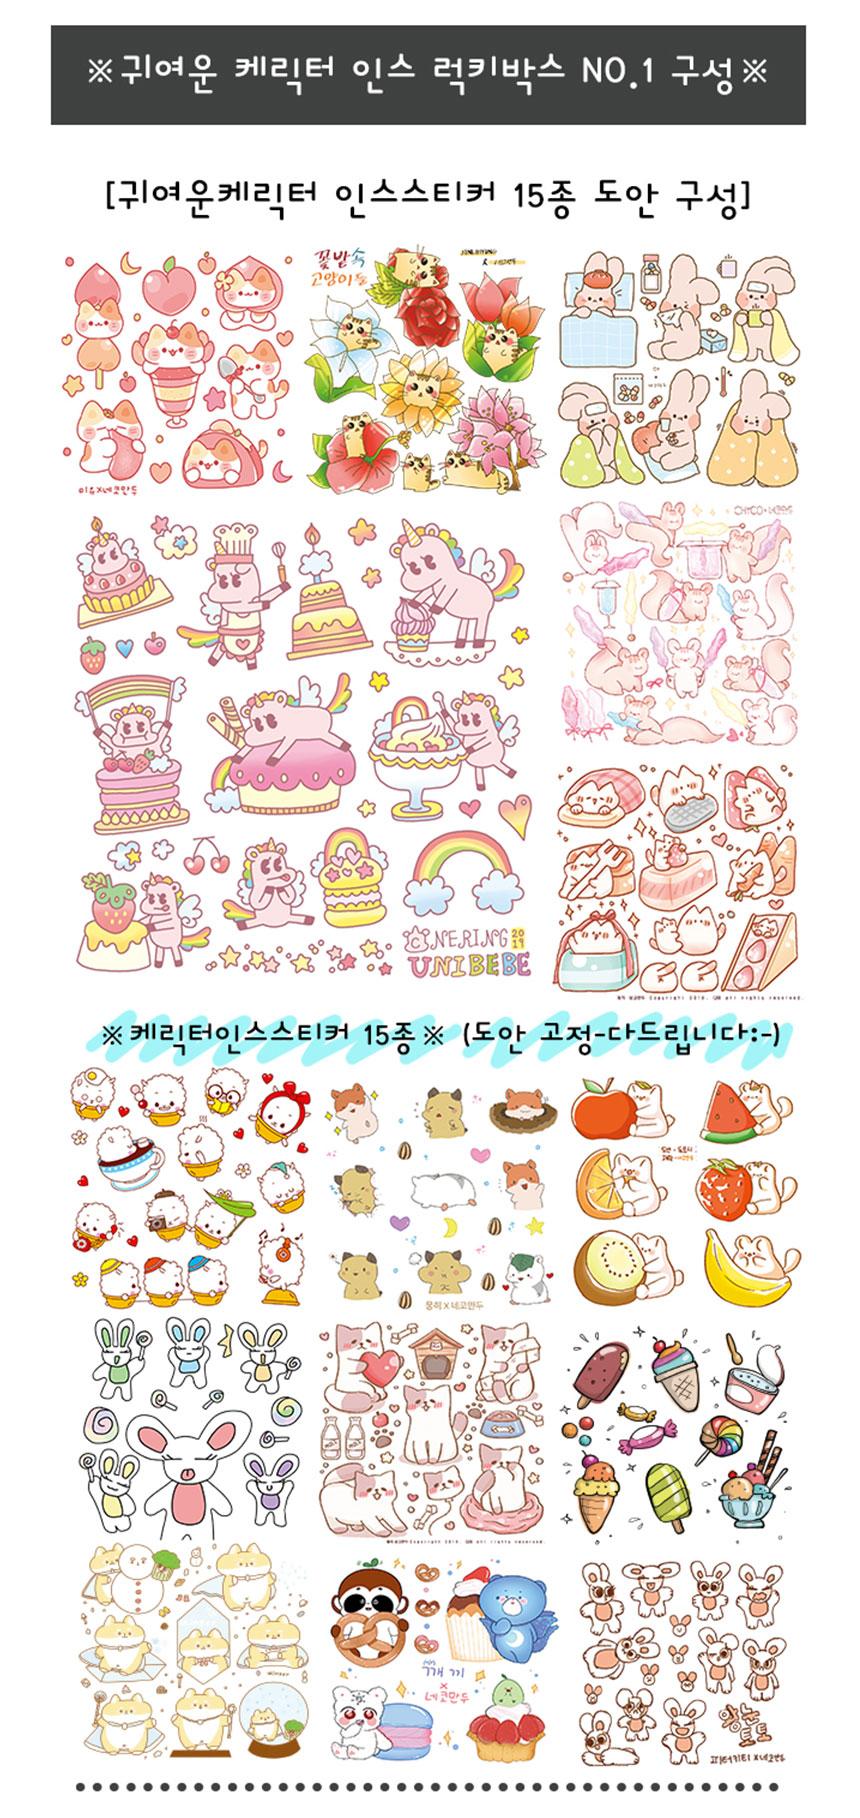 인스 랜덤박스 동물 캐릭터 럭키박스 NO.1 - 네코만두, 20,000원, 스티커, 디자인스티커